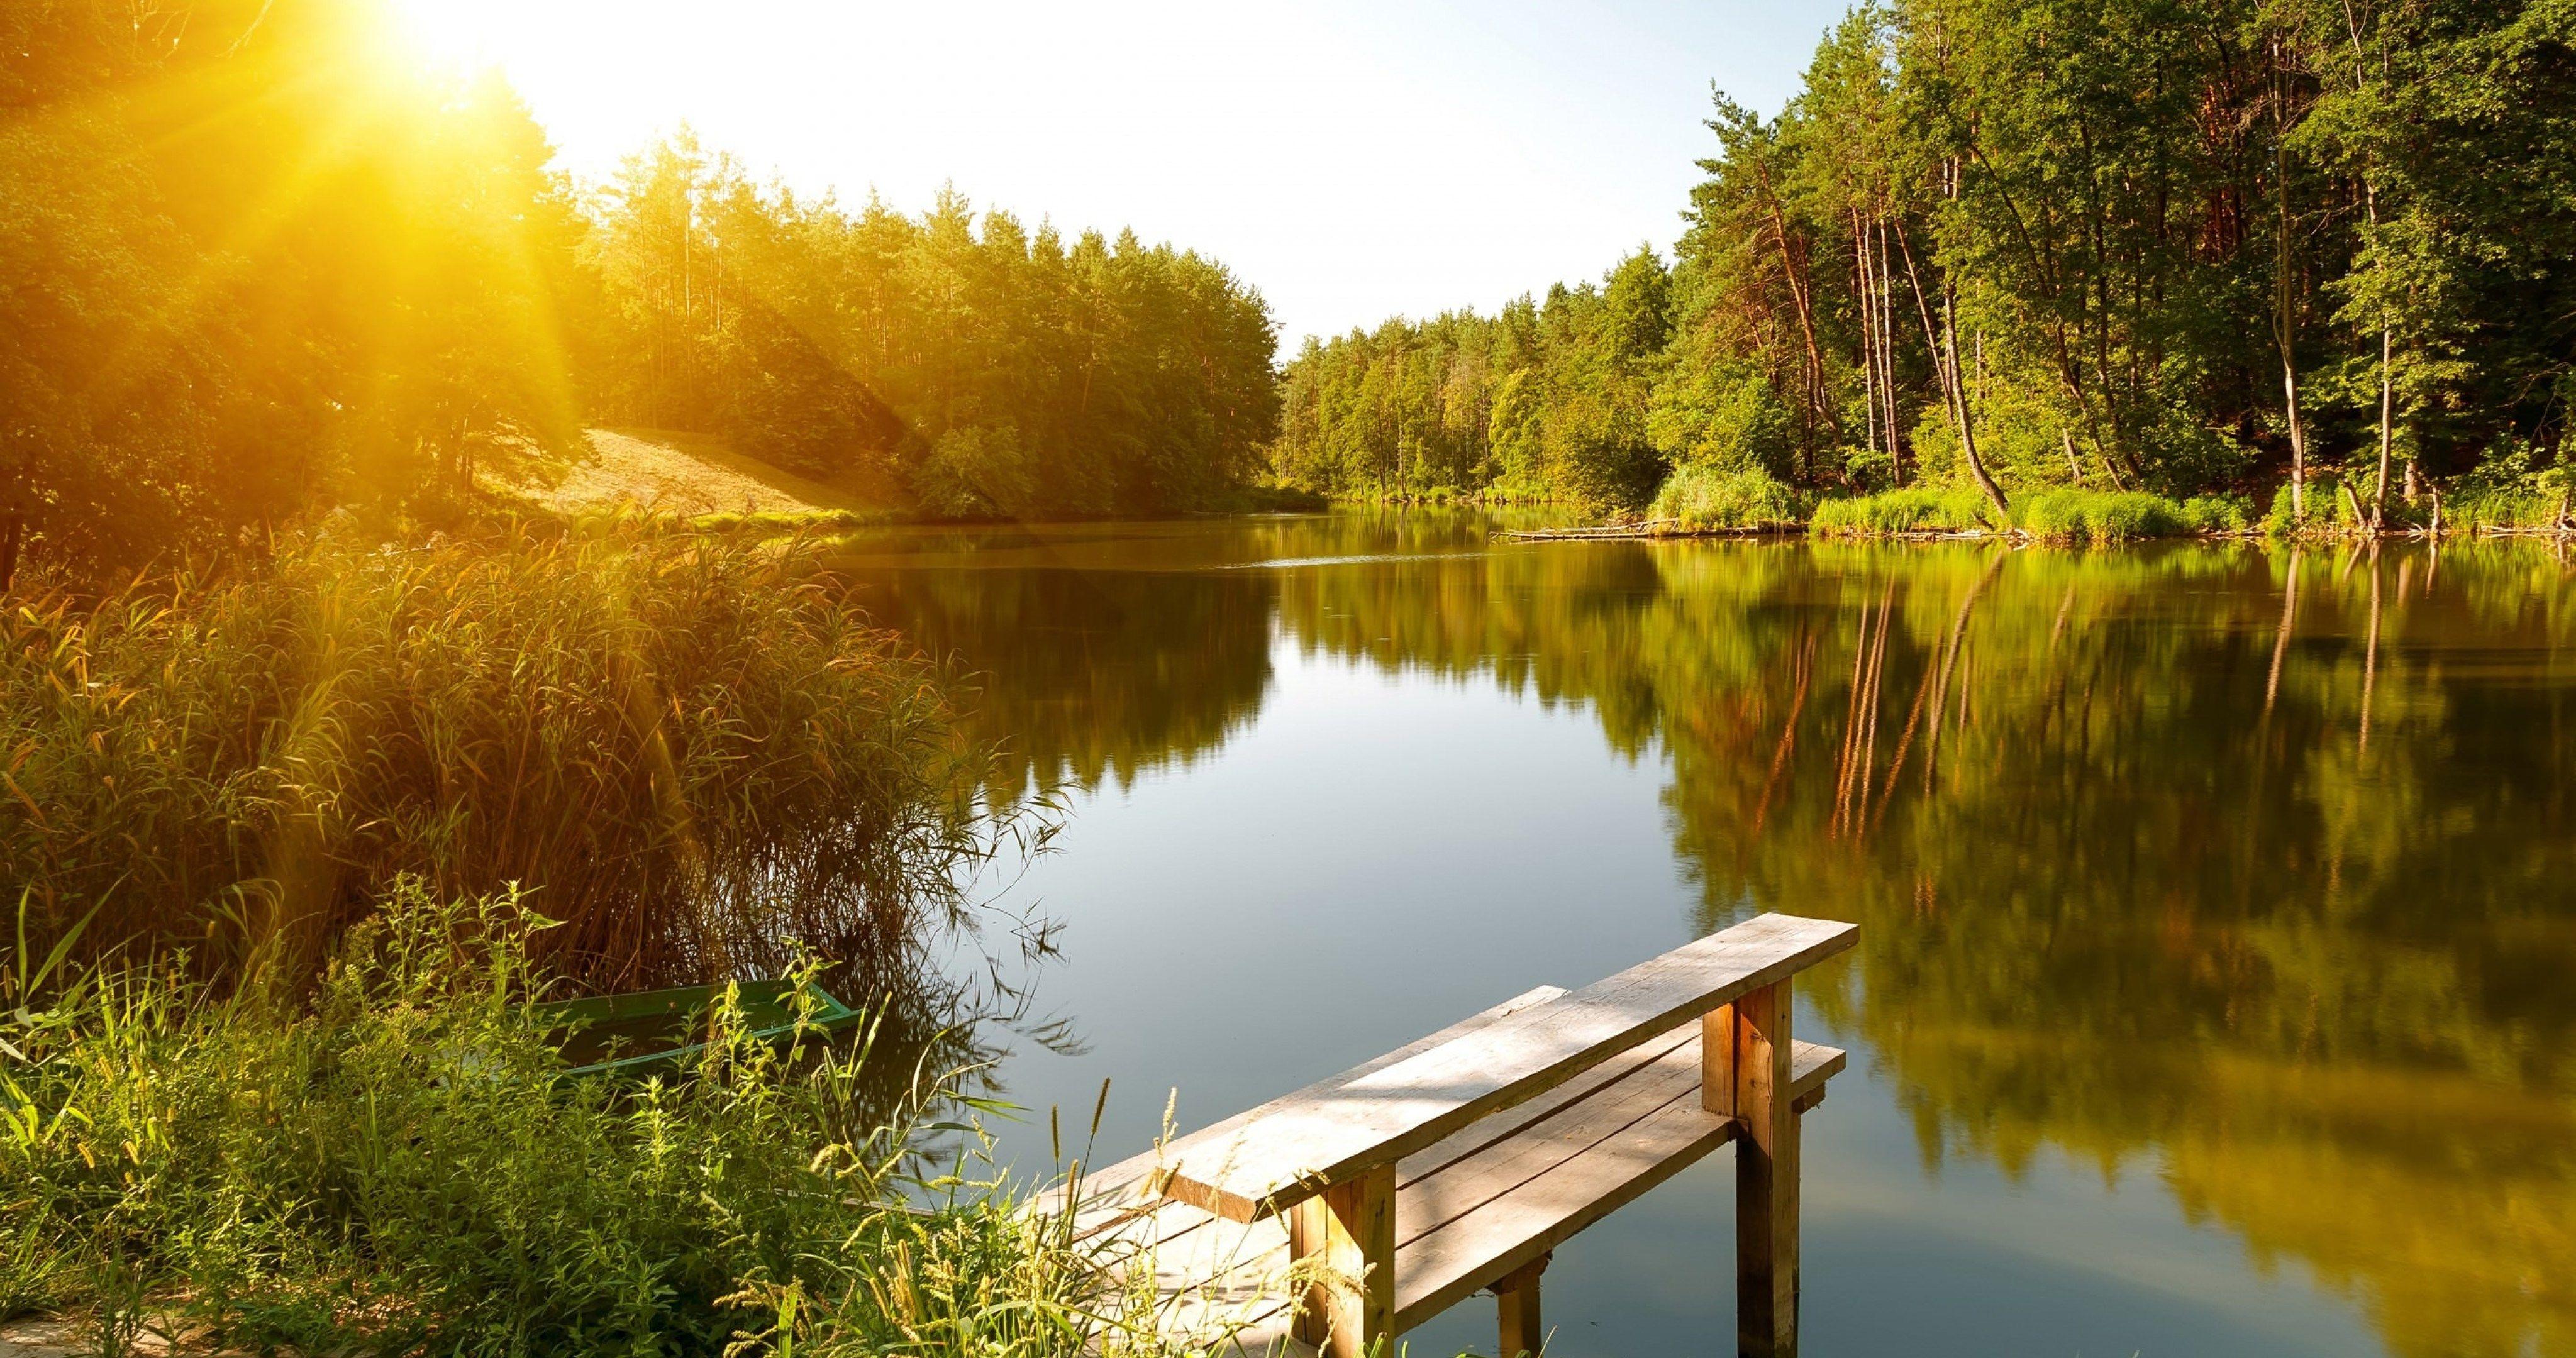 Summer River Landscape 4k Ultra Hd Wallpaper Summer Landscape Forest Lake Lake Stock